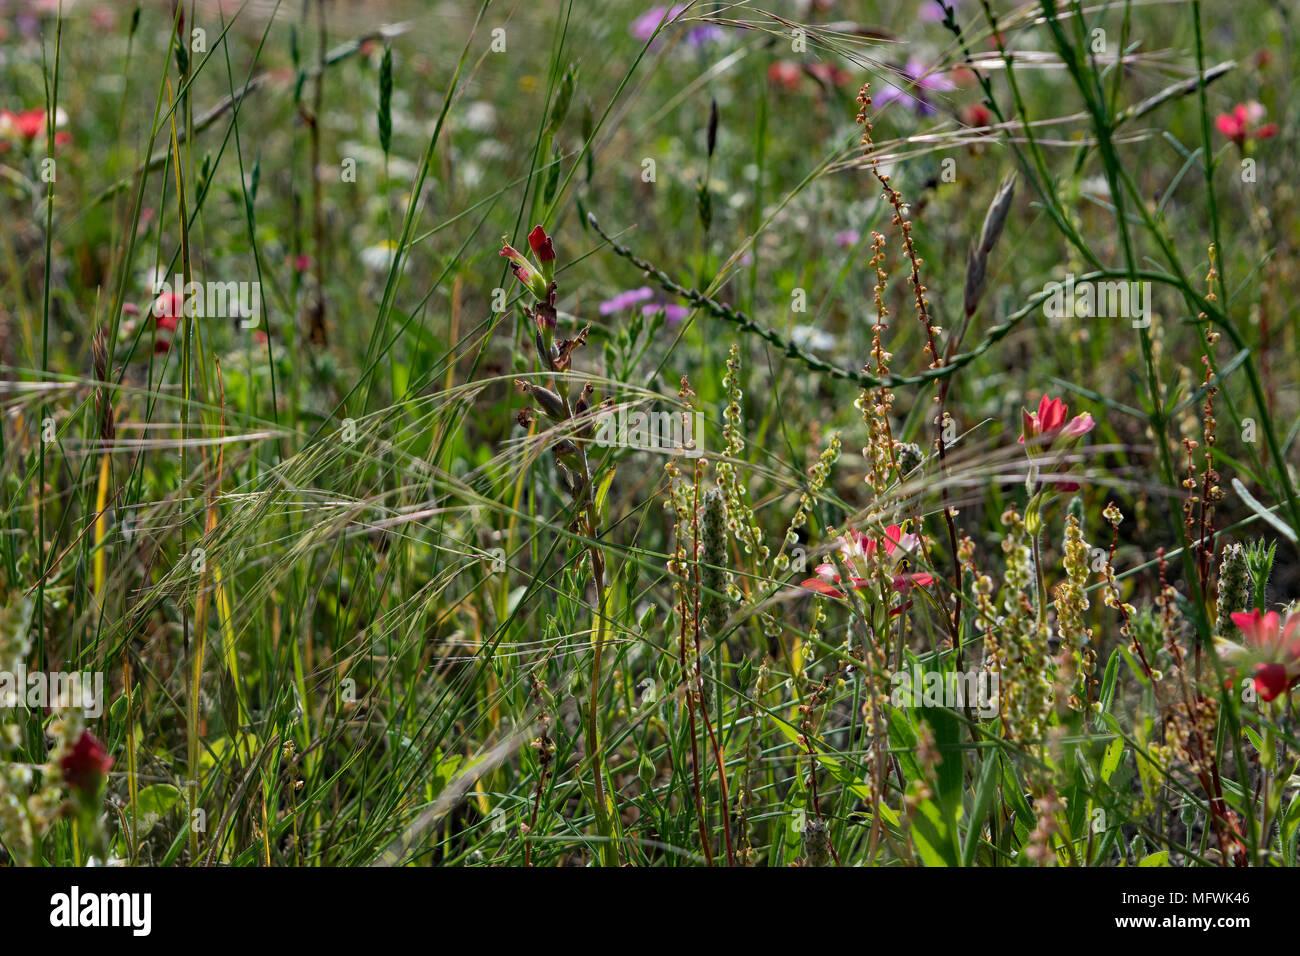 Field Of Wildflowers Found In A Butterfly Garden And Habitat In Northwest  Texas At Kerrville Schreiner Park.